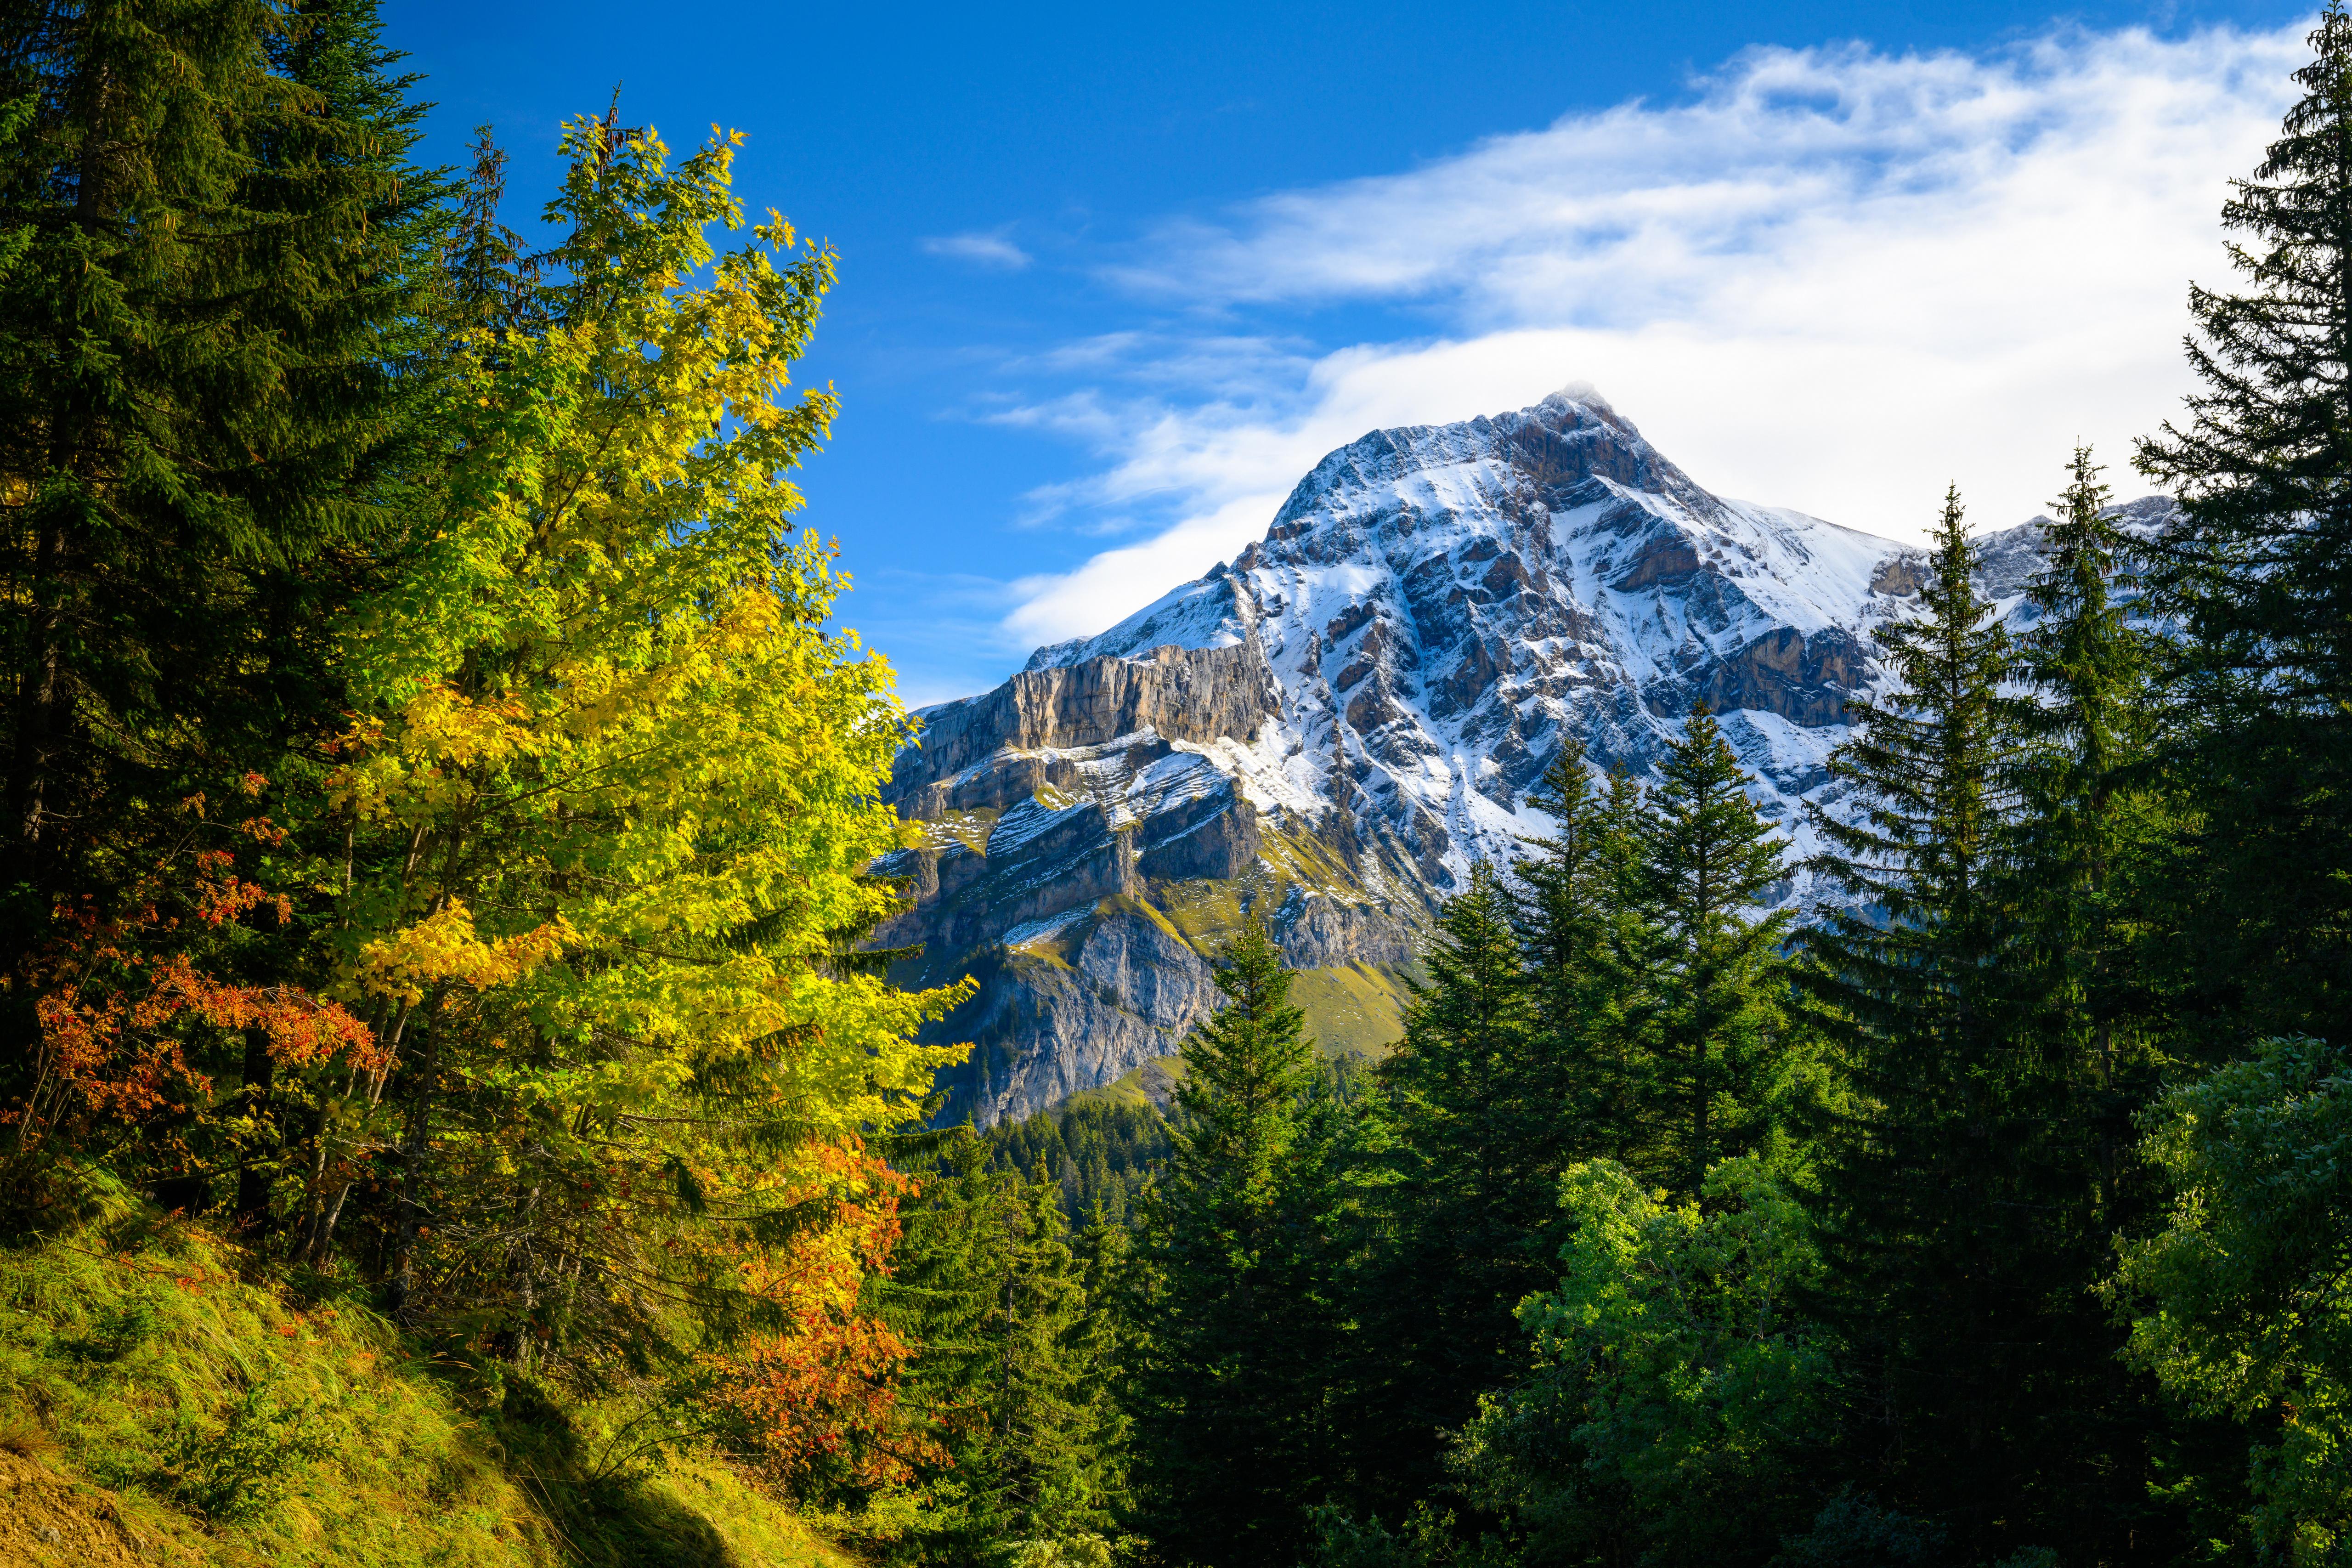 Картинка альп Швейцария Gryon Горы Осень Природа дерева Альпы гора осенние дерево Деревья деревьев